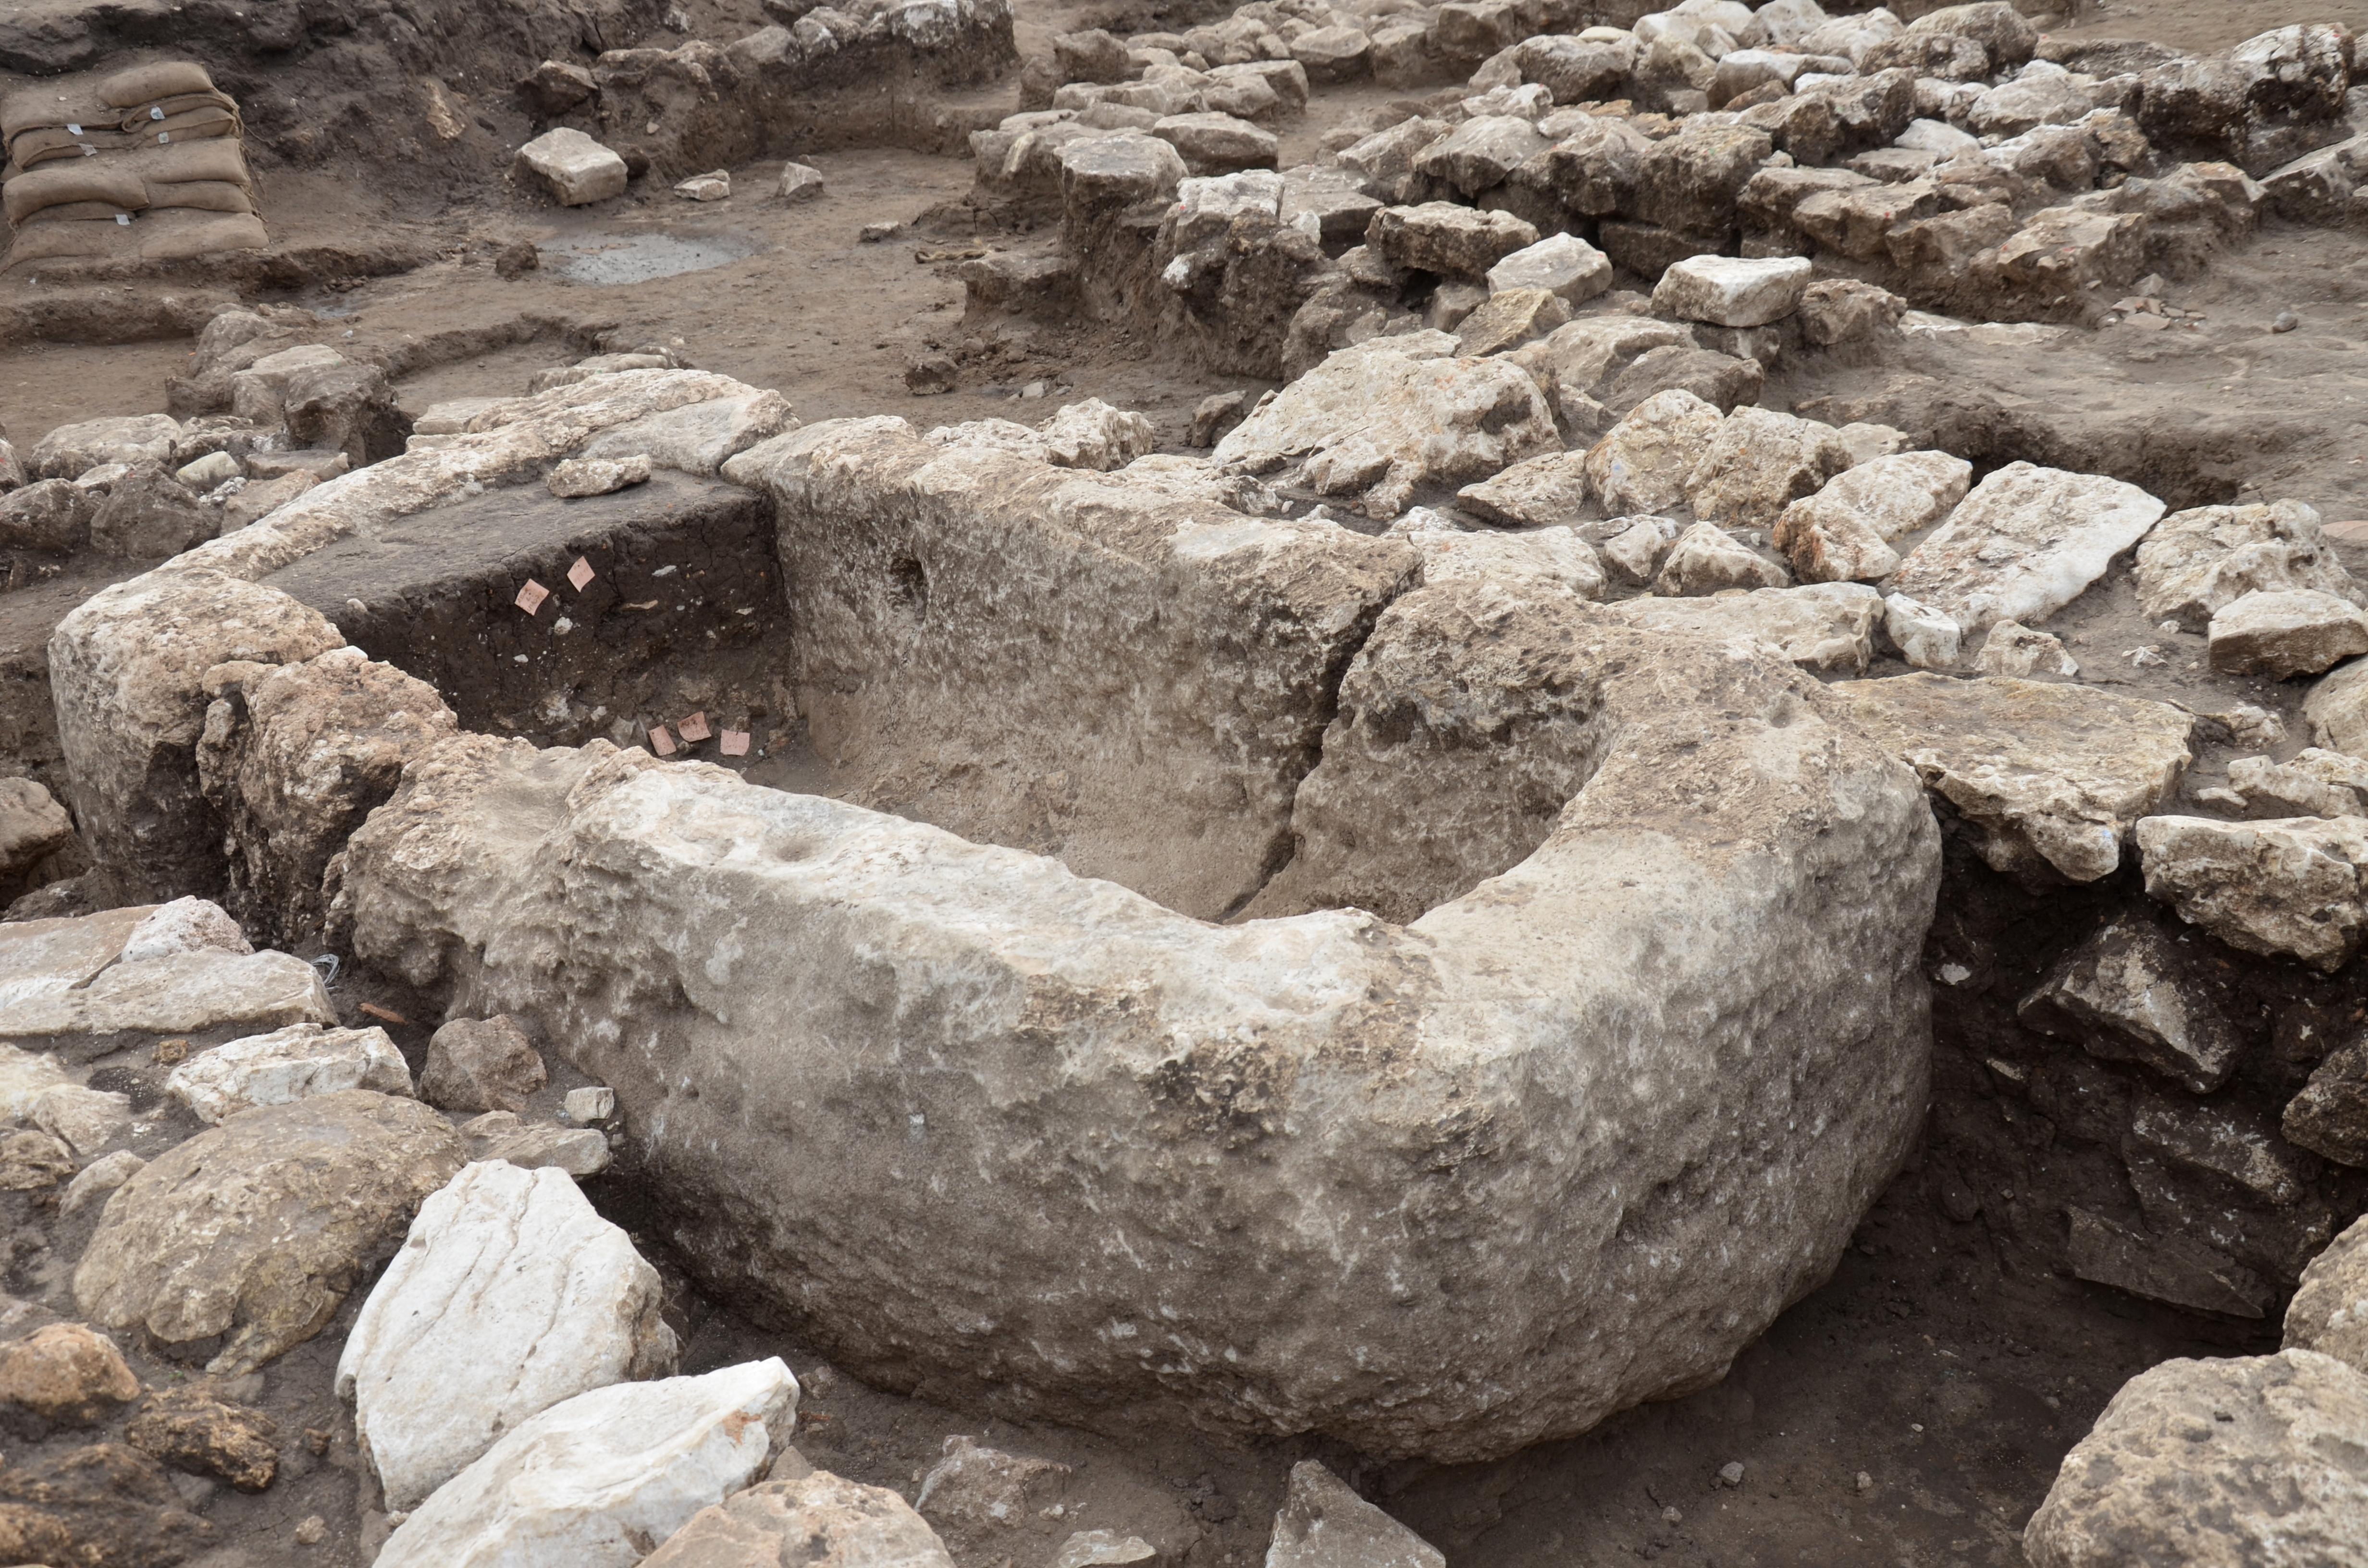 אגן אבן לנוזלים ששימש, ככל הנראה, לטקסים פולחניים. צילום: יולי שוורץ